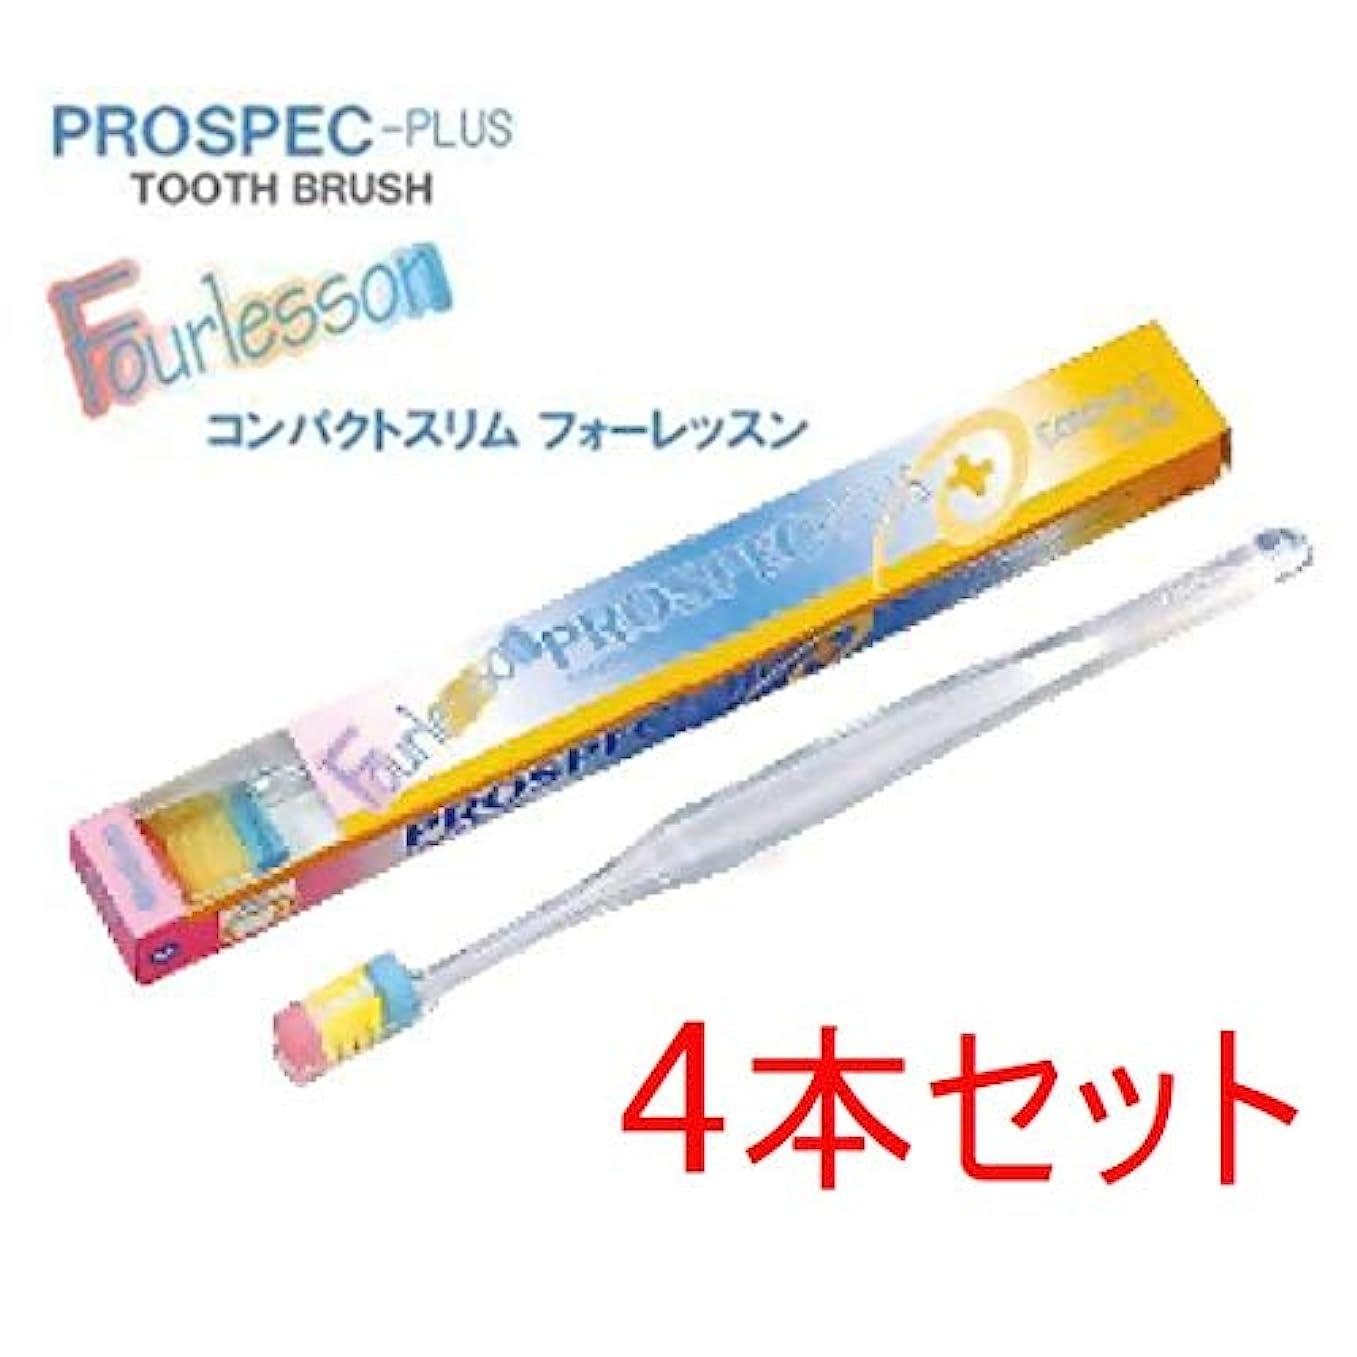 ファーザーファージュ運搬気配りのあるプロスペック 歯ブラシ コンパクトスリム 4本 フォーレッスン 毛の硬さ ふつう